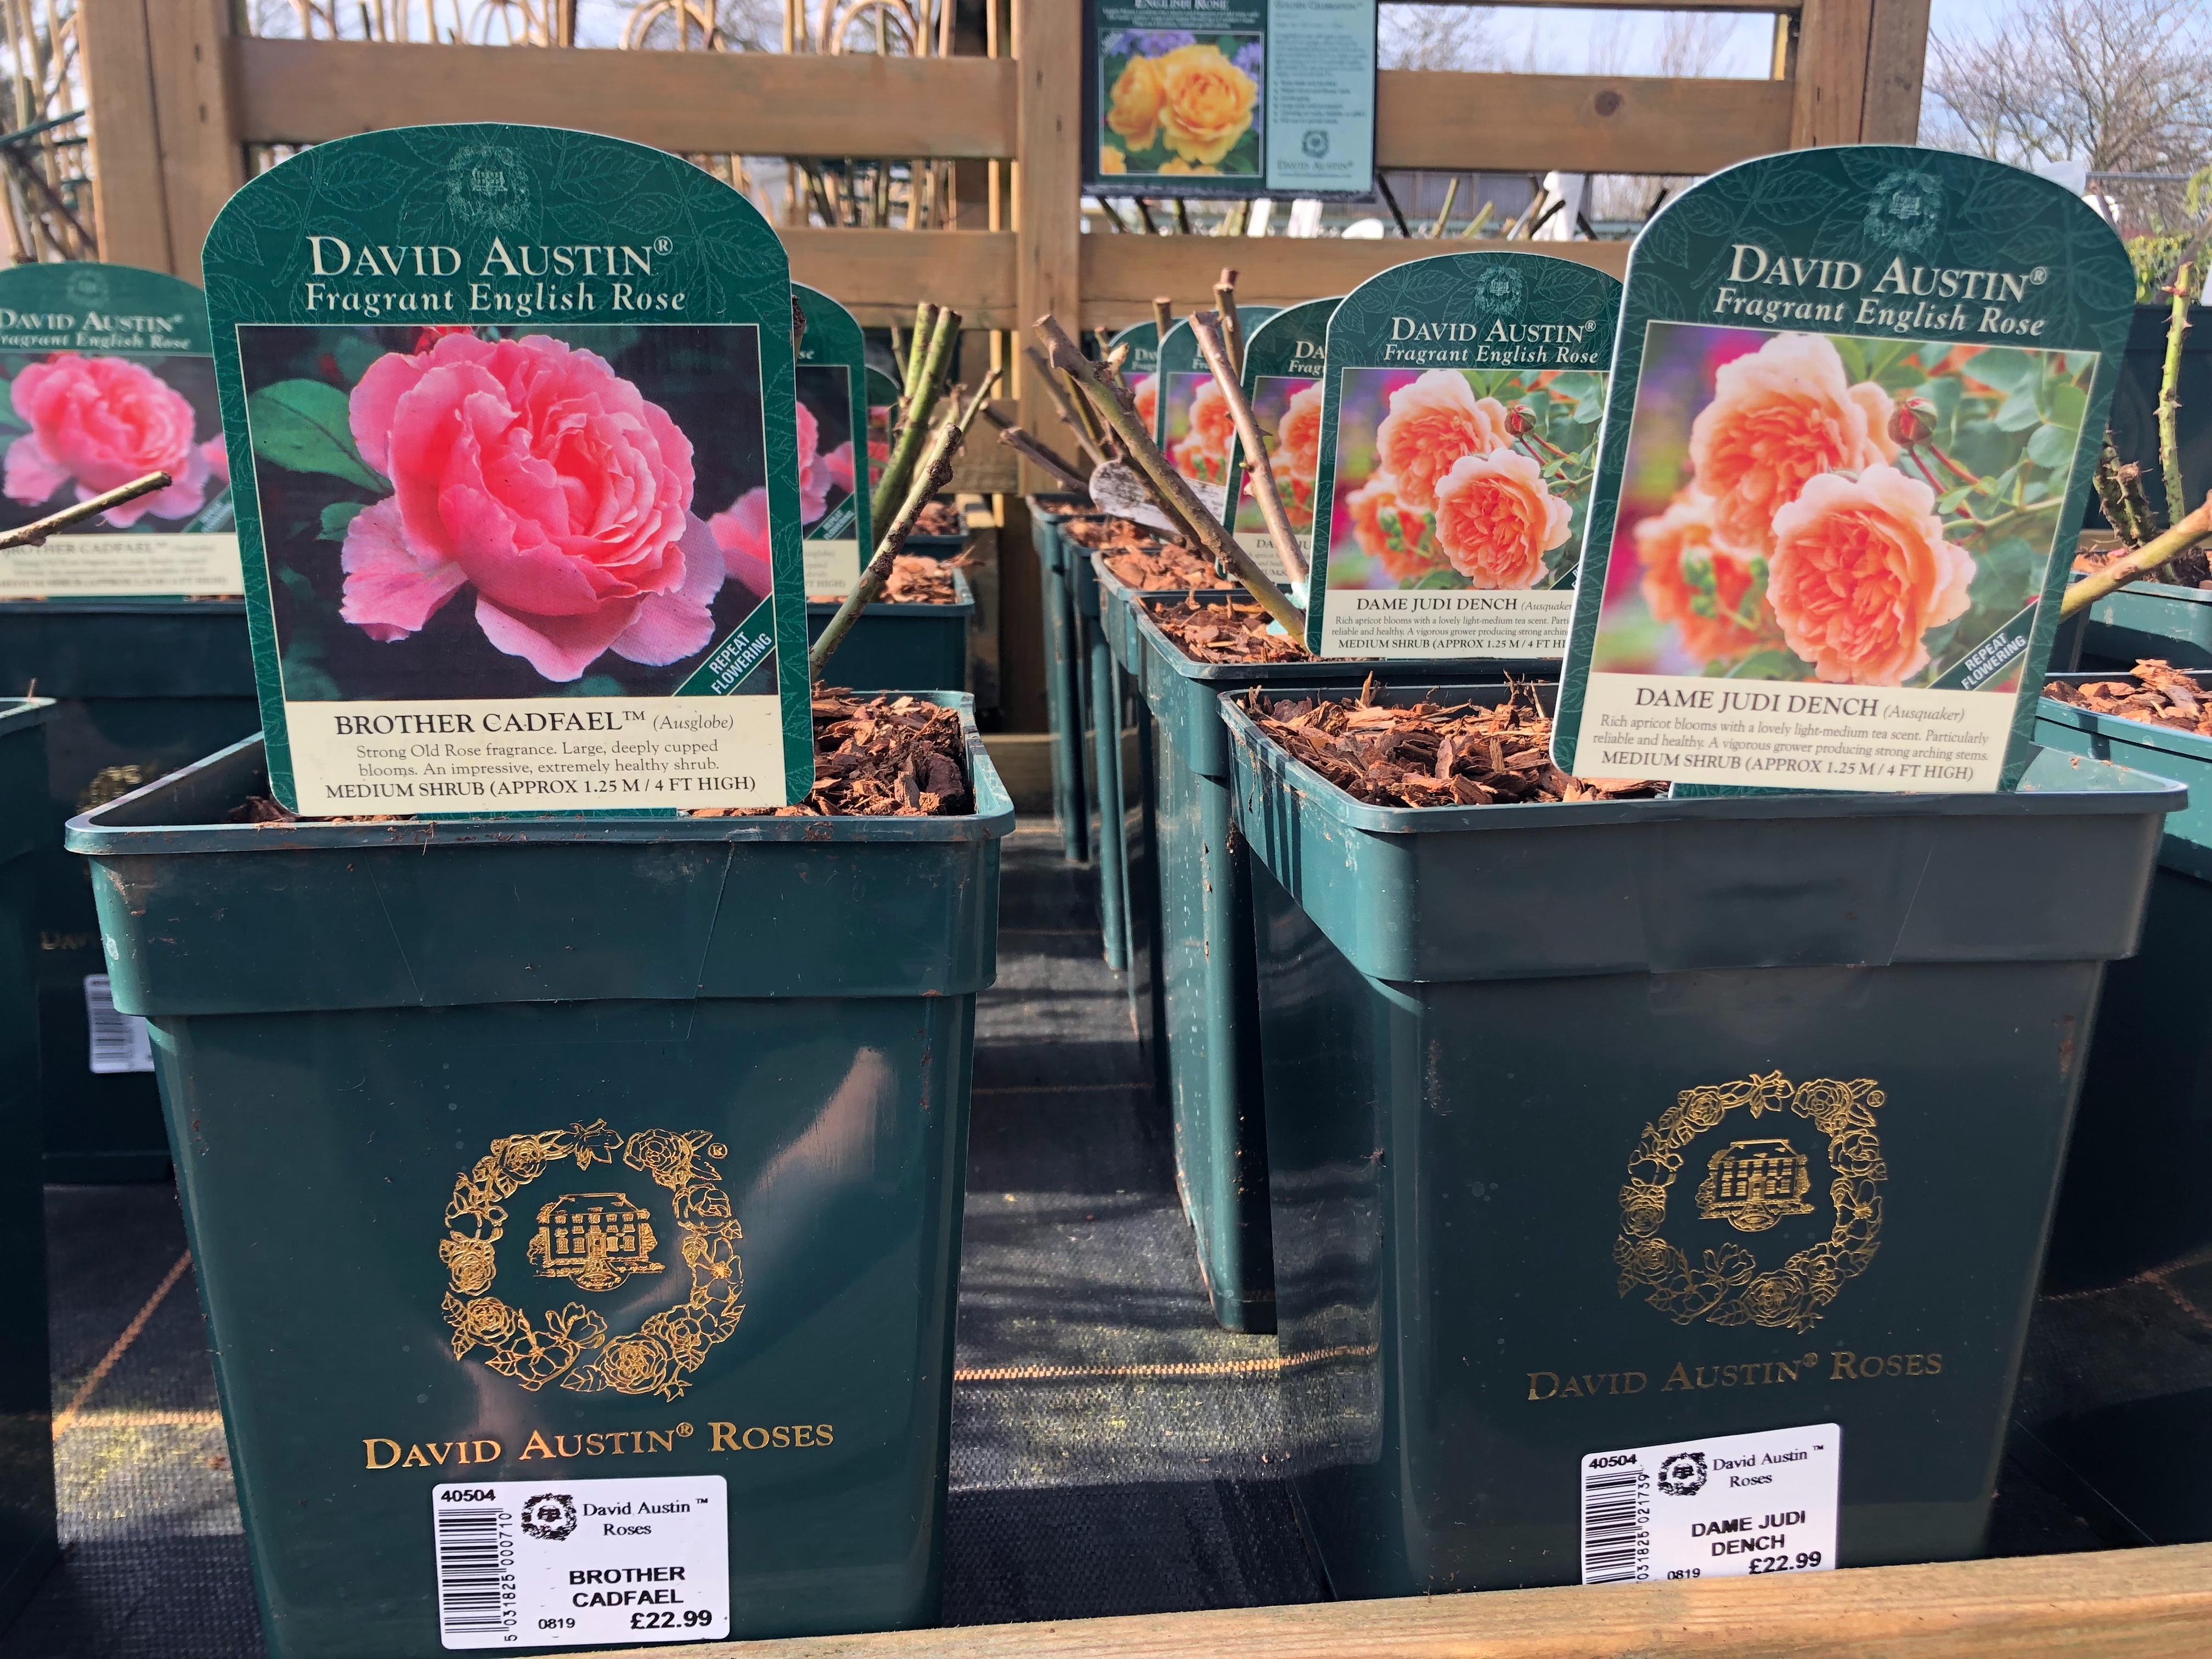 David Austin Bush Roses